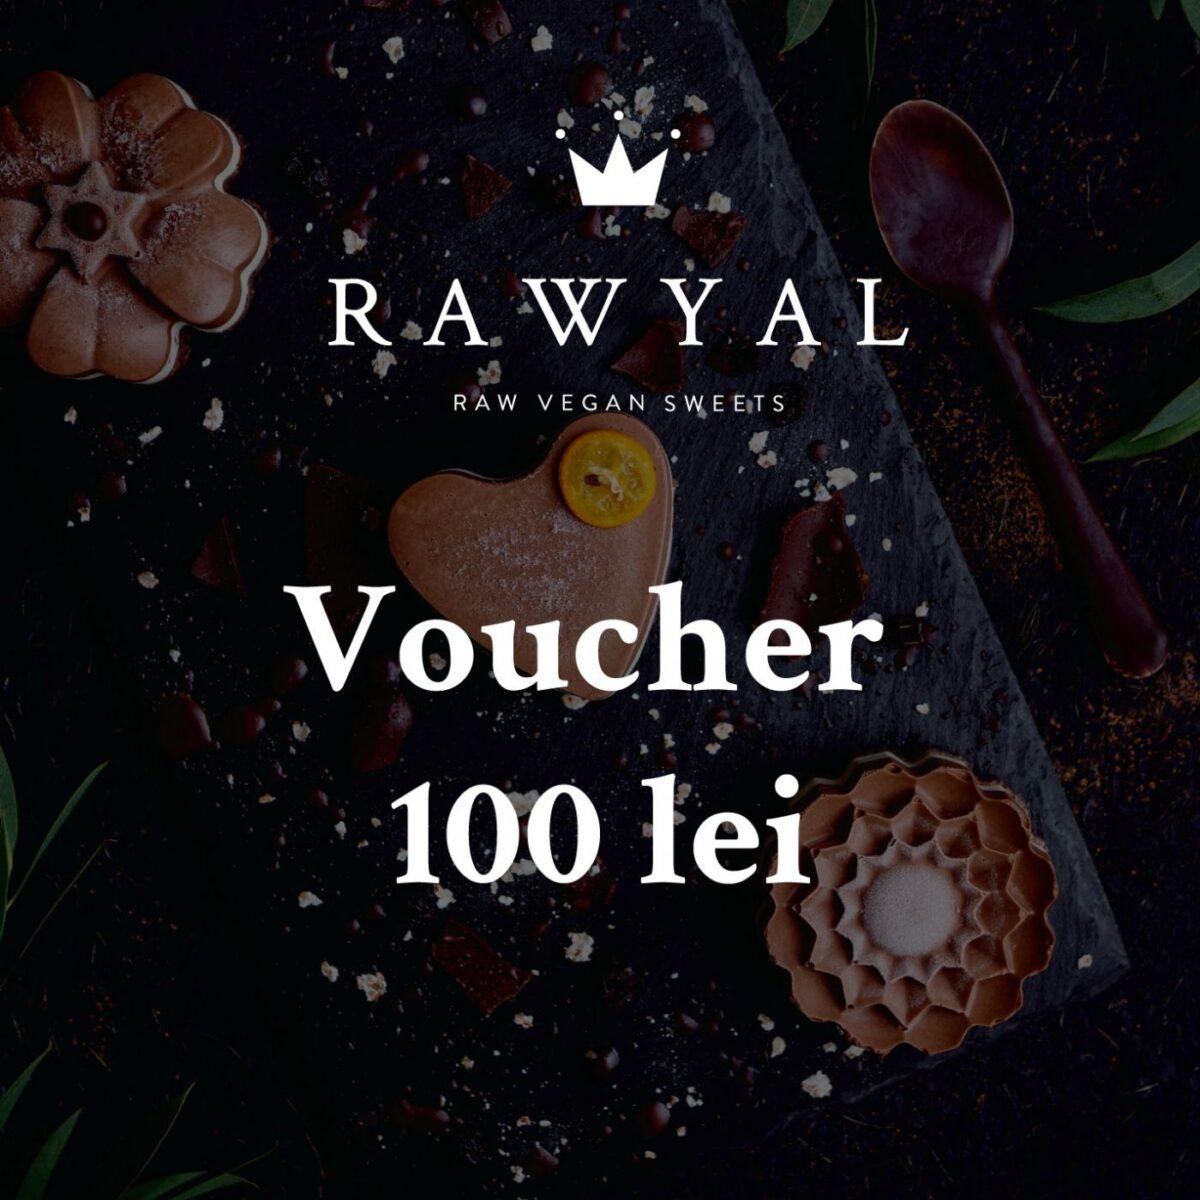 Product voucher 100